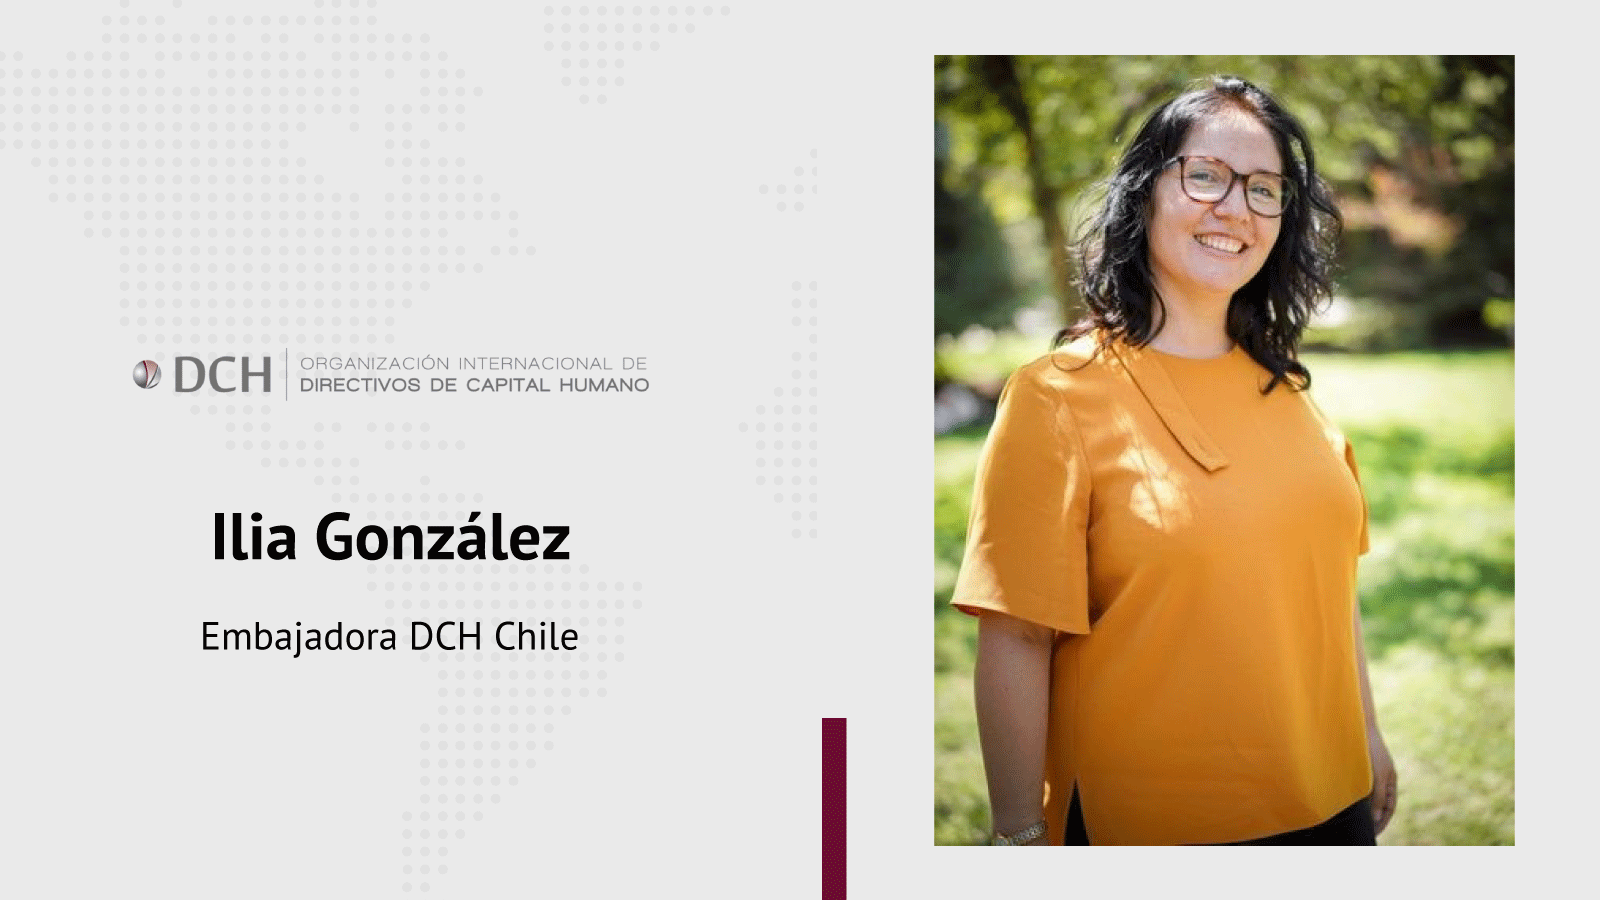 Embajadora de DCH en Chile